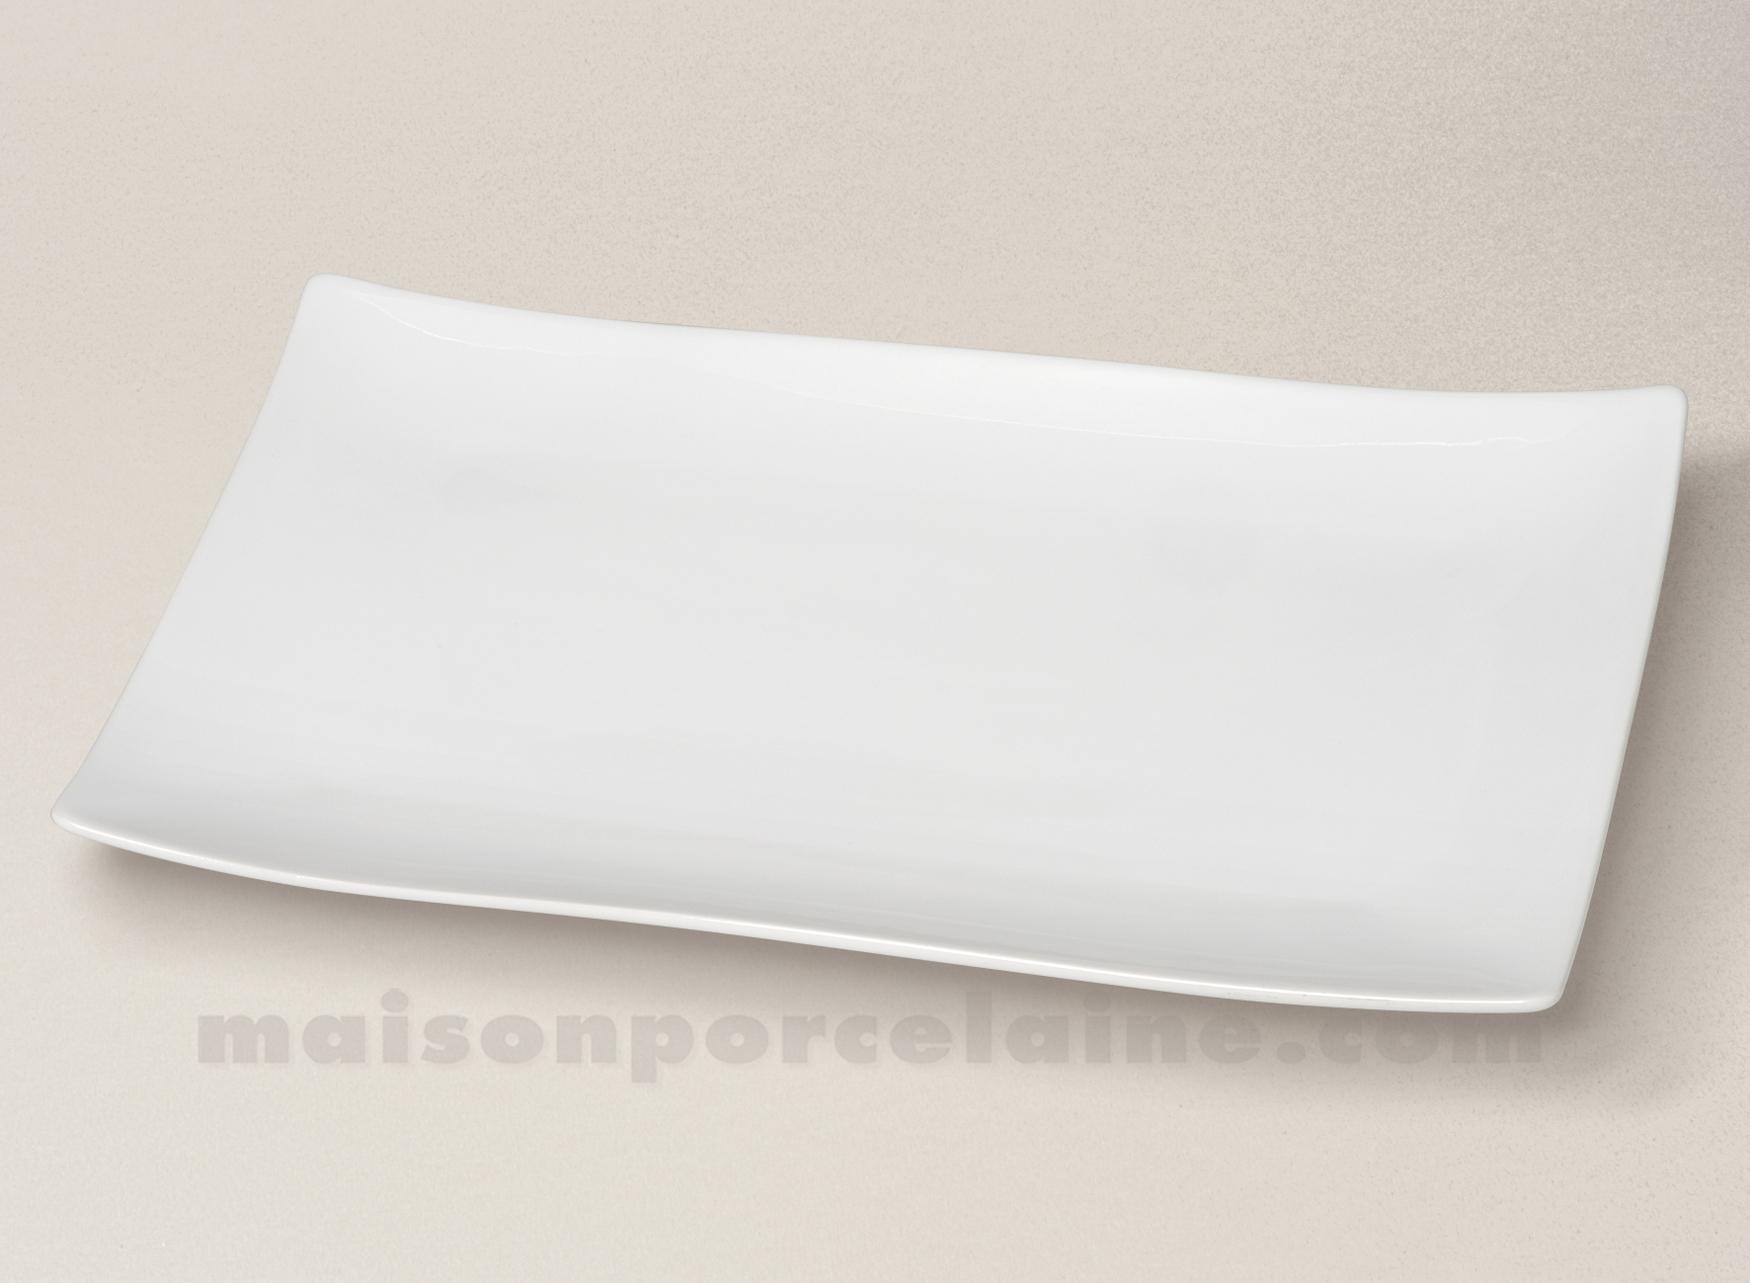 assiette plat rectangulaire porcelaine blanche. Black Bedroom Furniture Sets. Home Design Ideas